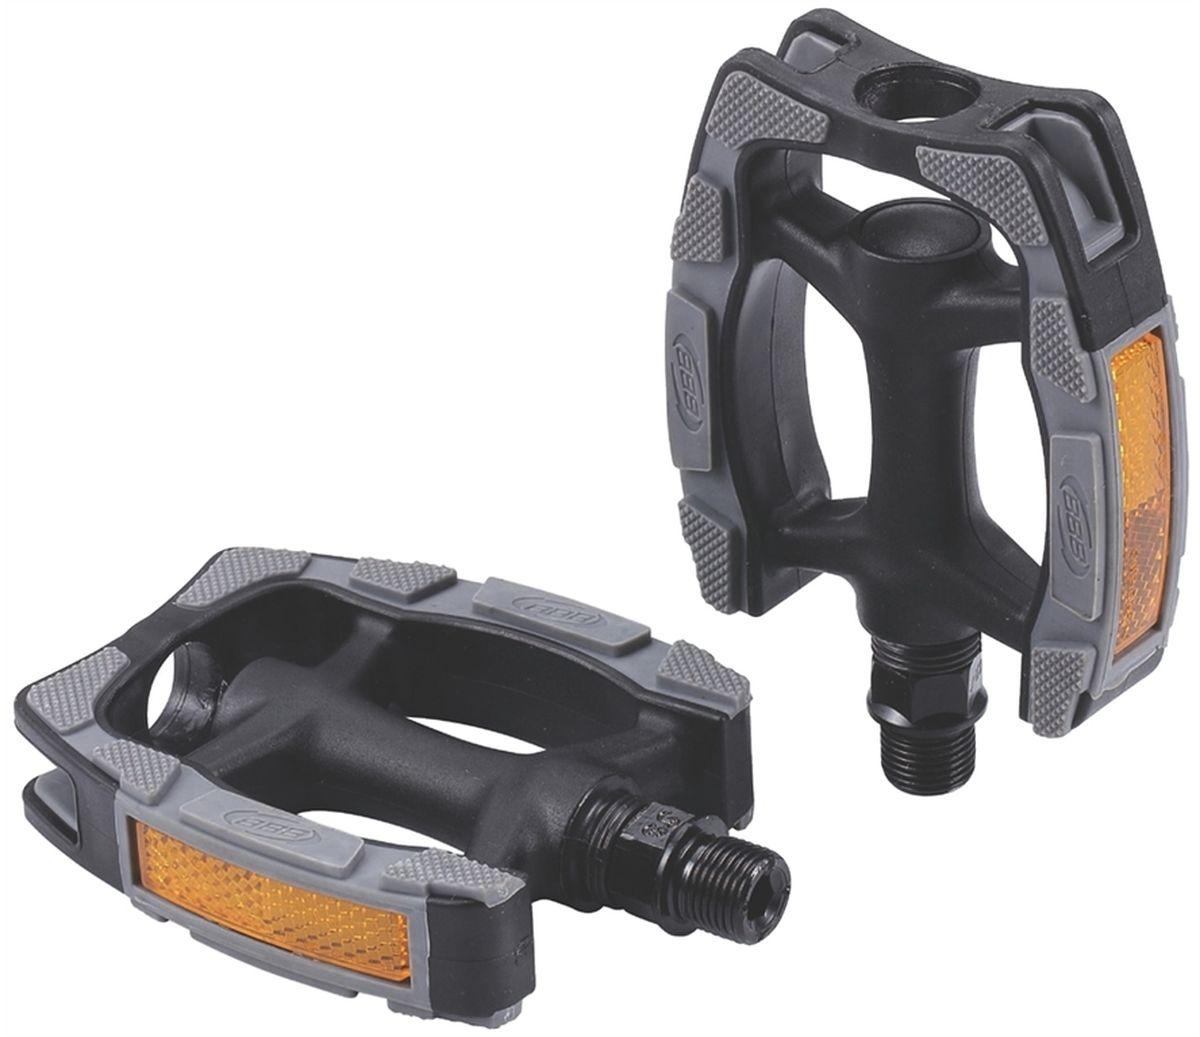 Педали BBB Trekking EasyTrek II, 2 штBPD-41Высокопрочные одноэлементные педали BBB Trekking EasyTrek II выполнены из композитного материала с нескользящим резиновым покрытием. Встроенные светоотражатели обеспечивают лучшую видимость в темноте. Прочная ось выполнена из бористой стали.